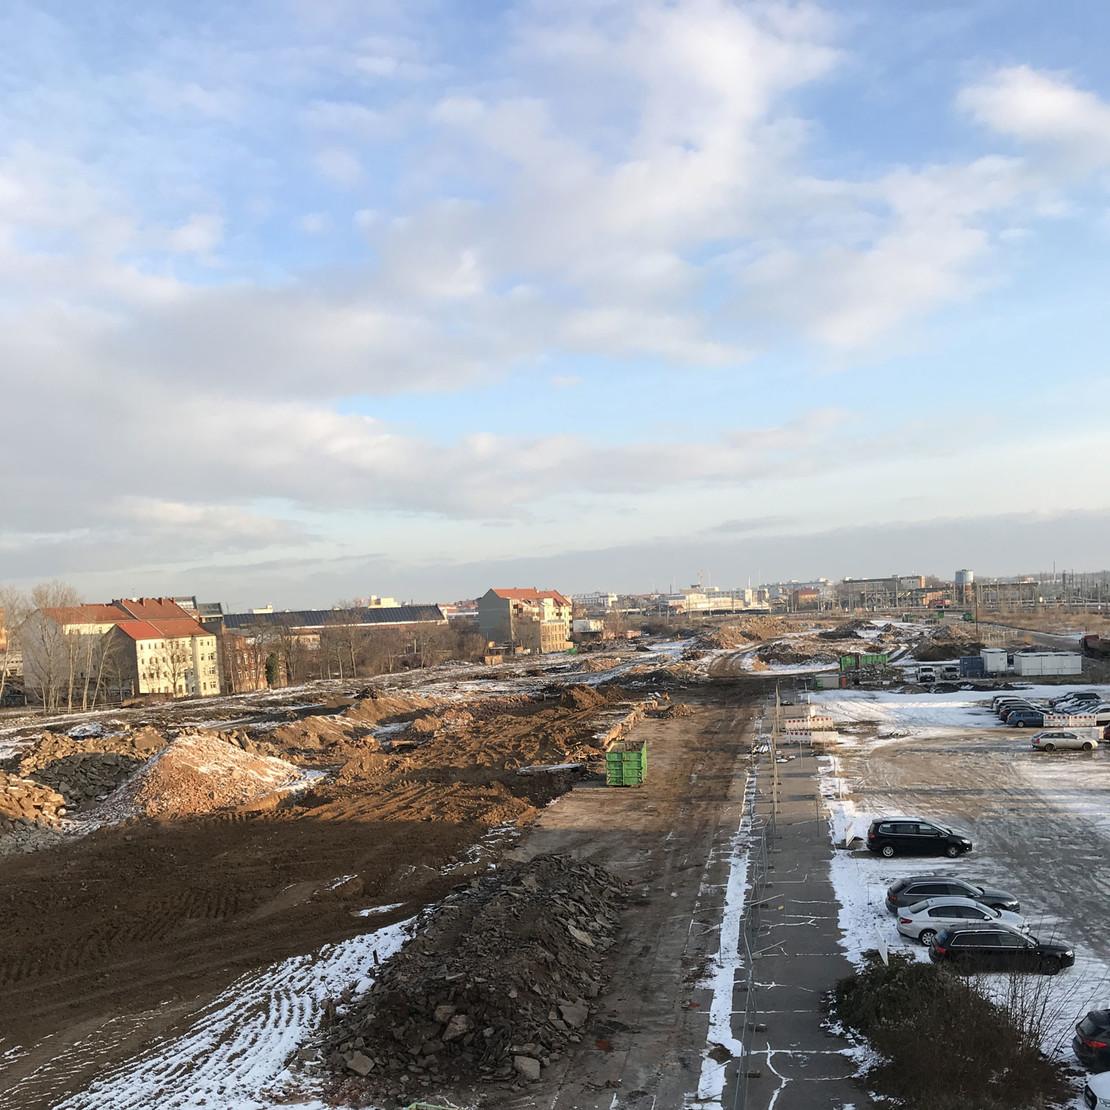 Blick auf das Areal des Löwitz Quartiers in Richtung Nordosten. Stand der Arbeiten Ende Januar 2021: Alle Gebäude sind abgerissen.